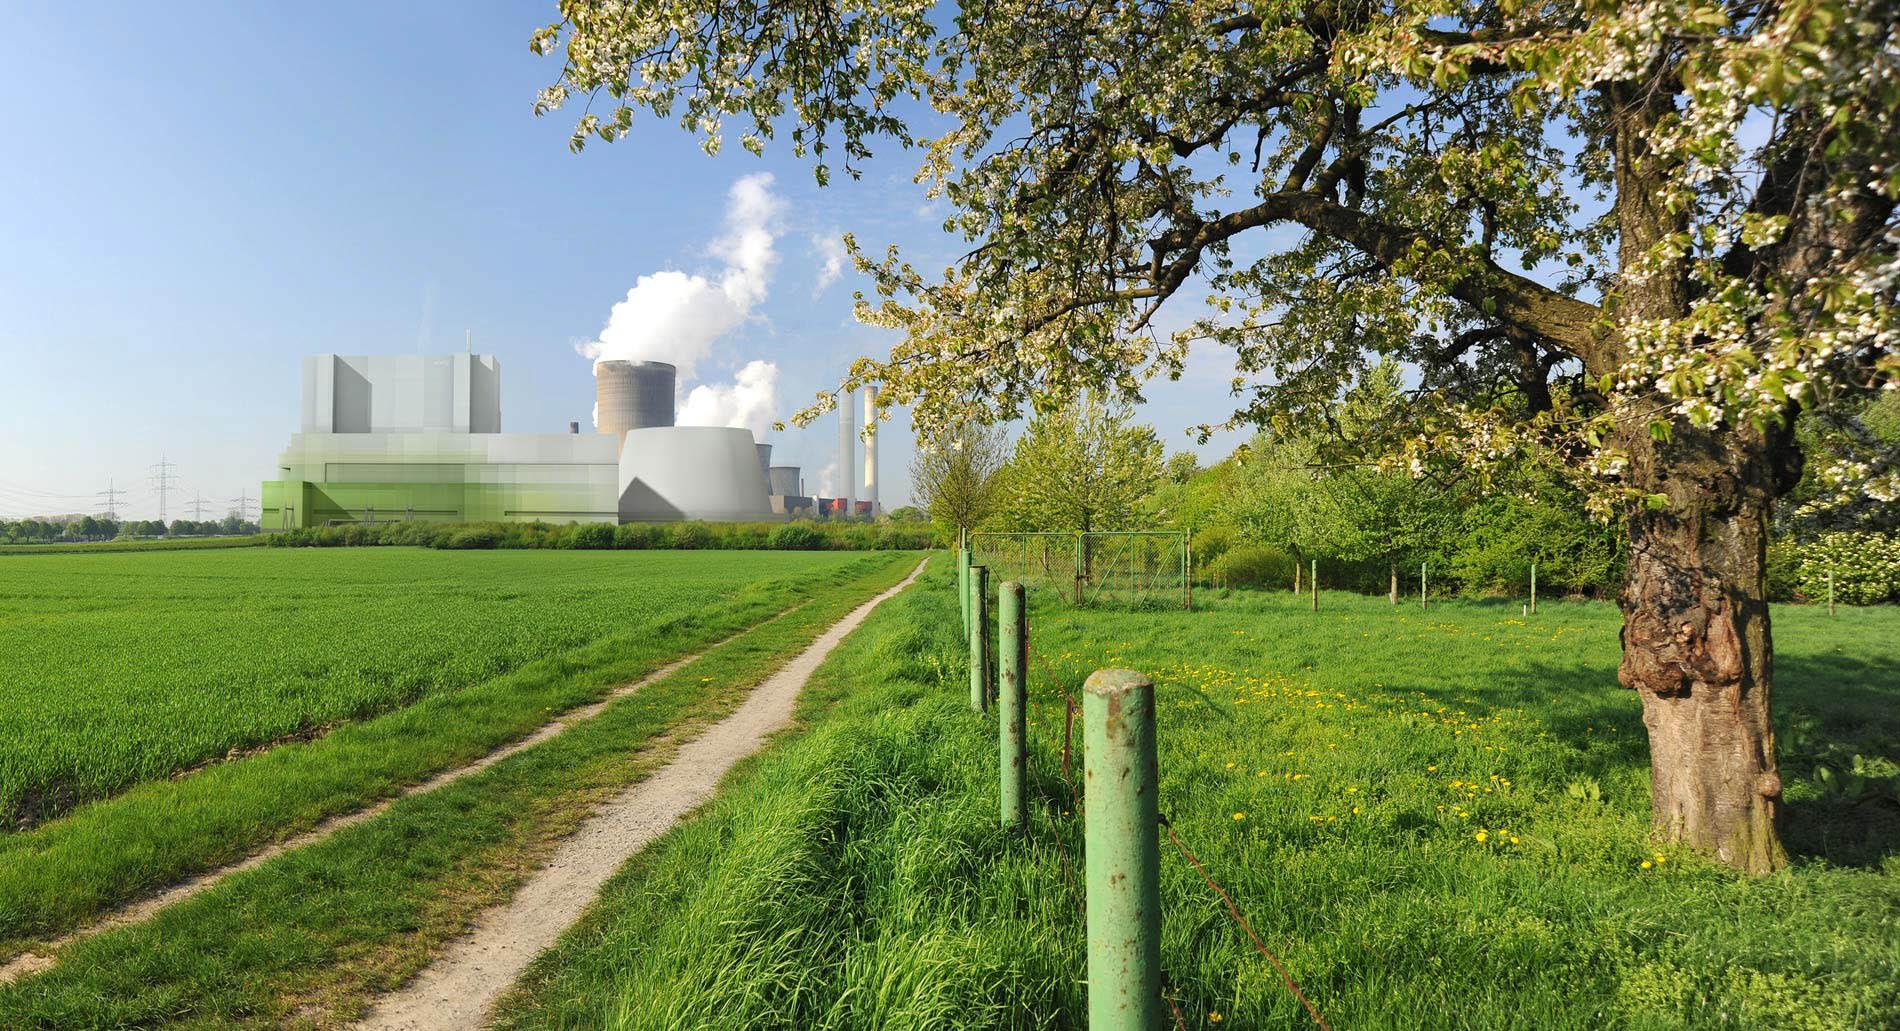 Fassadengestaltung-Industrie-BOAplus-Kraftwerk-Rendering-natur.jpg